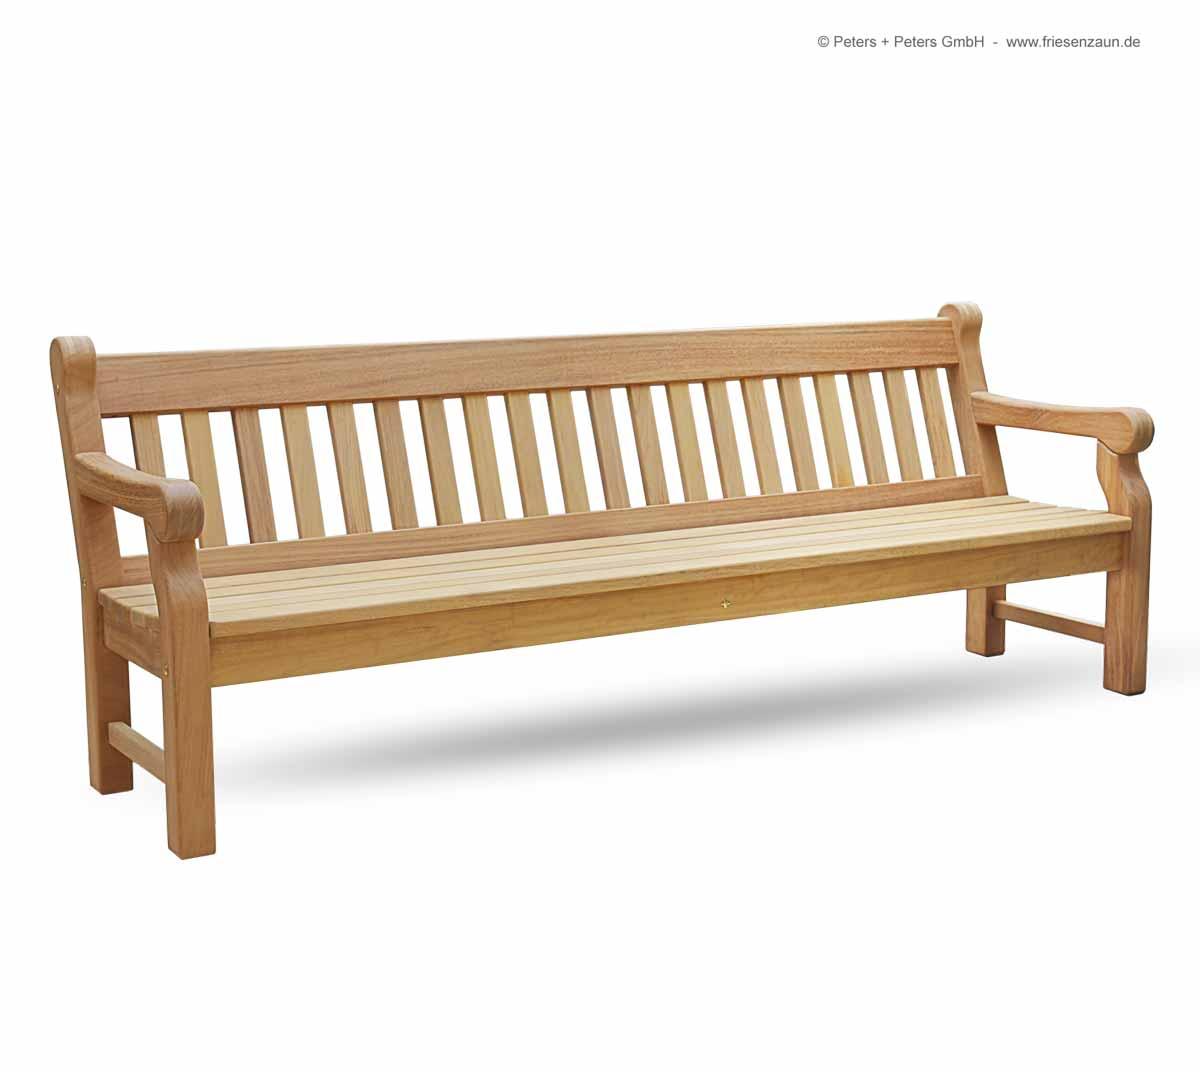 friesenbank shop 4er gartenbank windsor hartholz natur made in germany. Black Bedroom Furniture Sets. Home Design Ideas